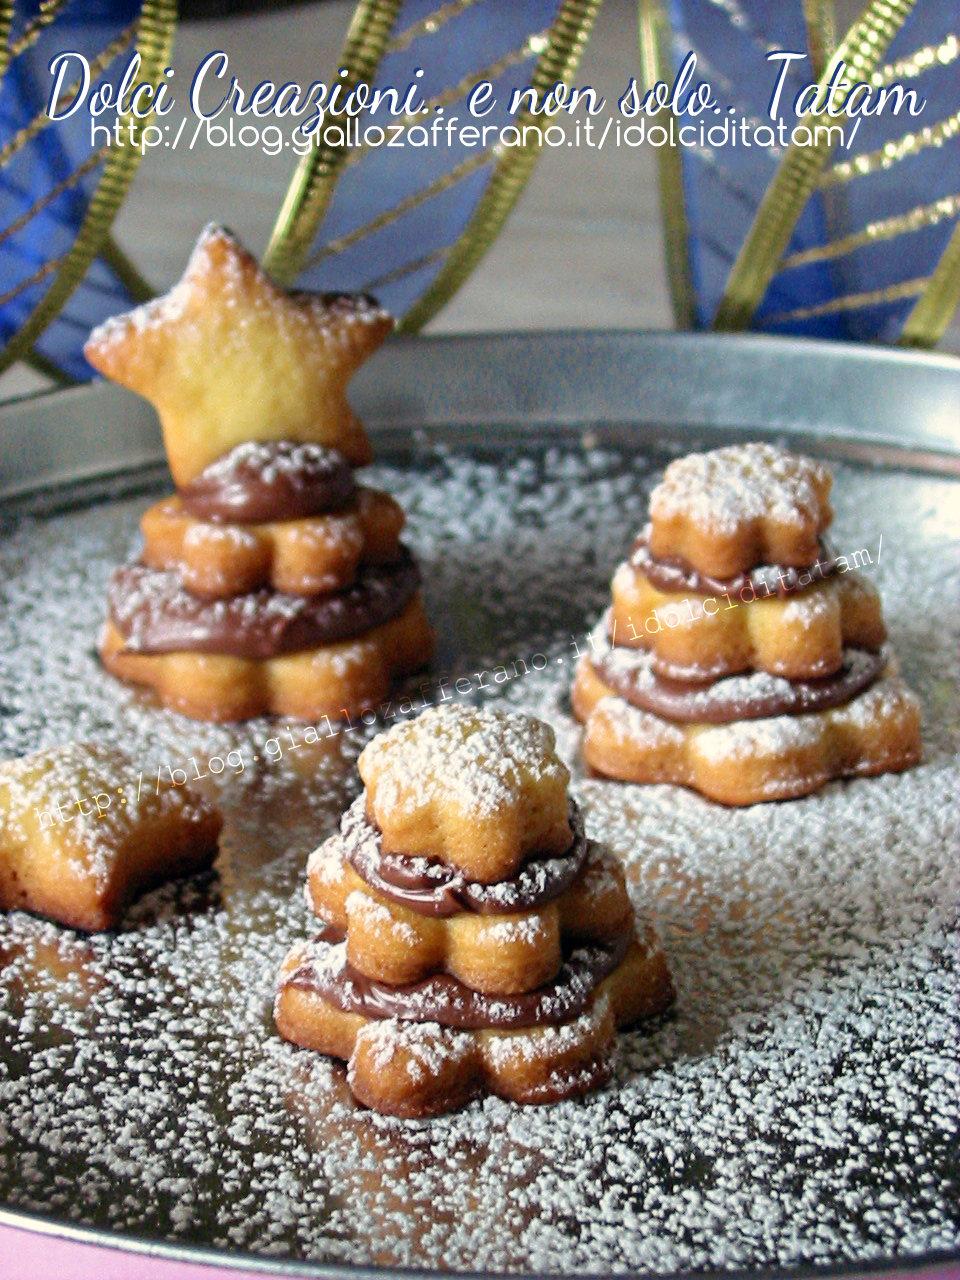 Biscotti Alberelli di frolla e nutella 2